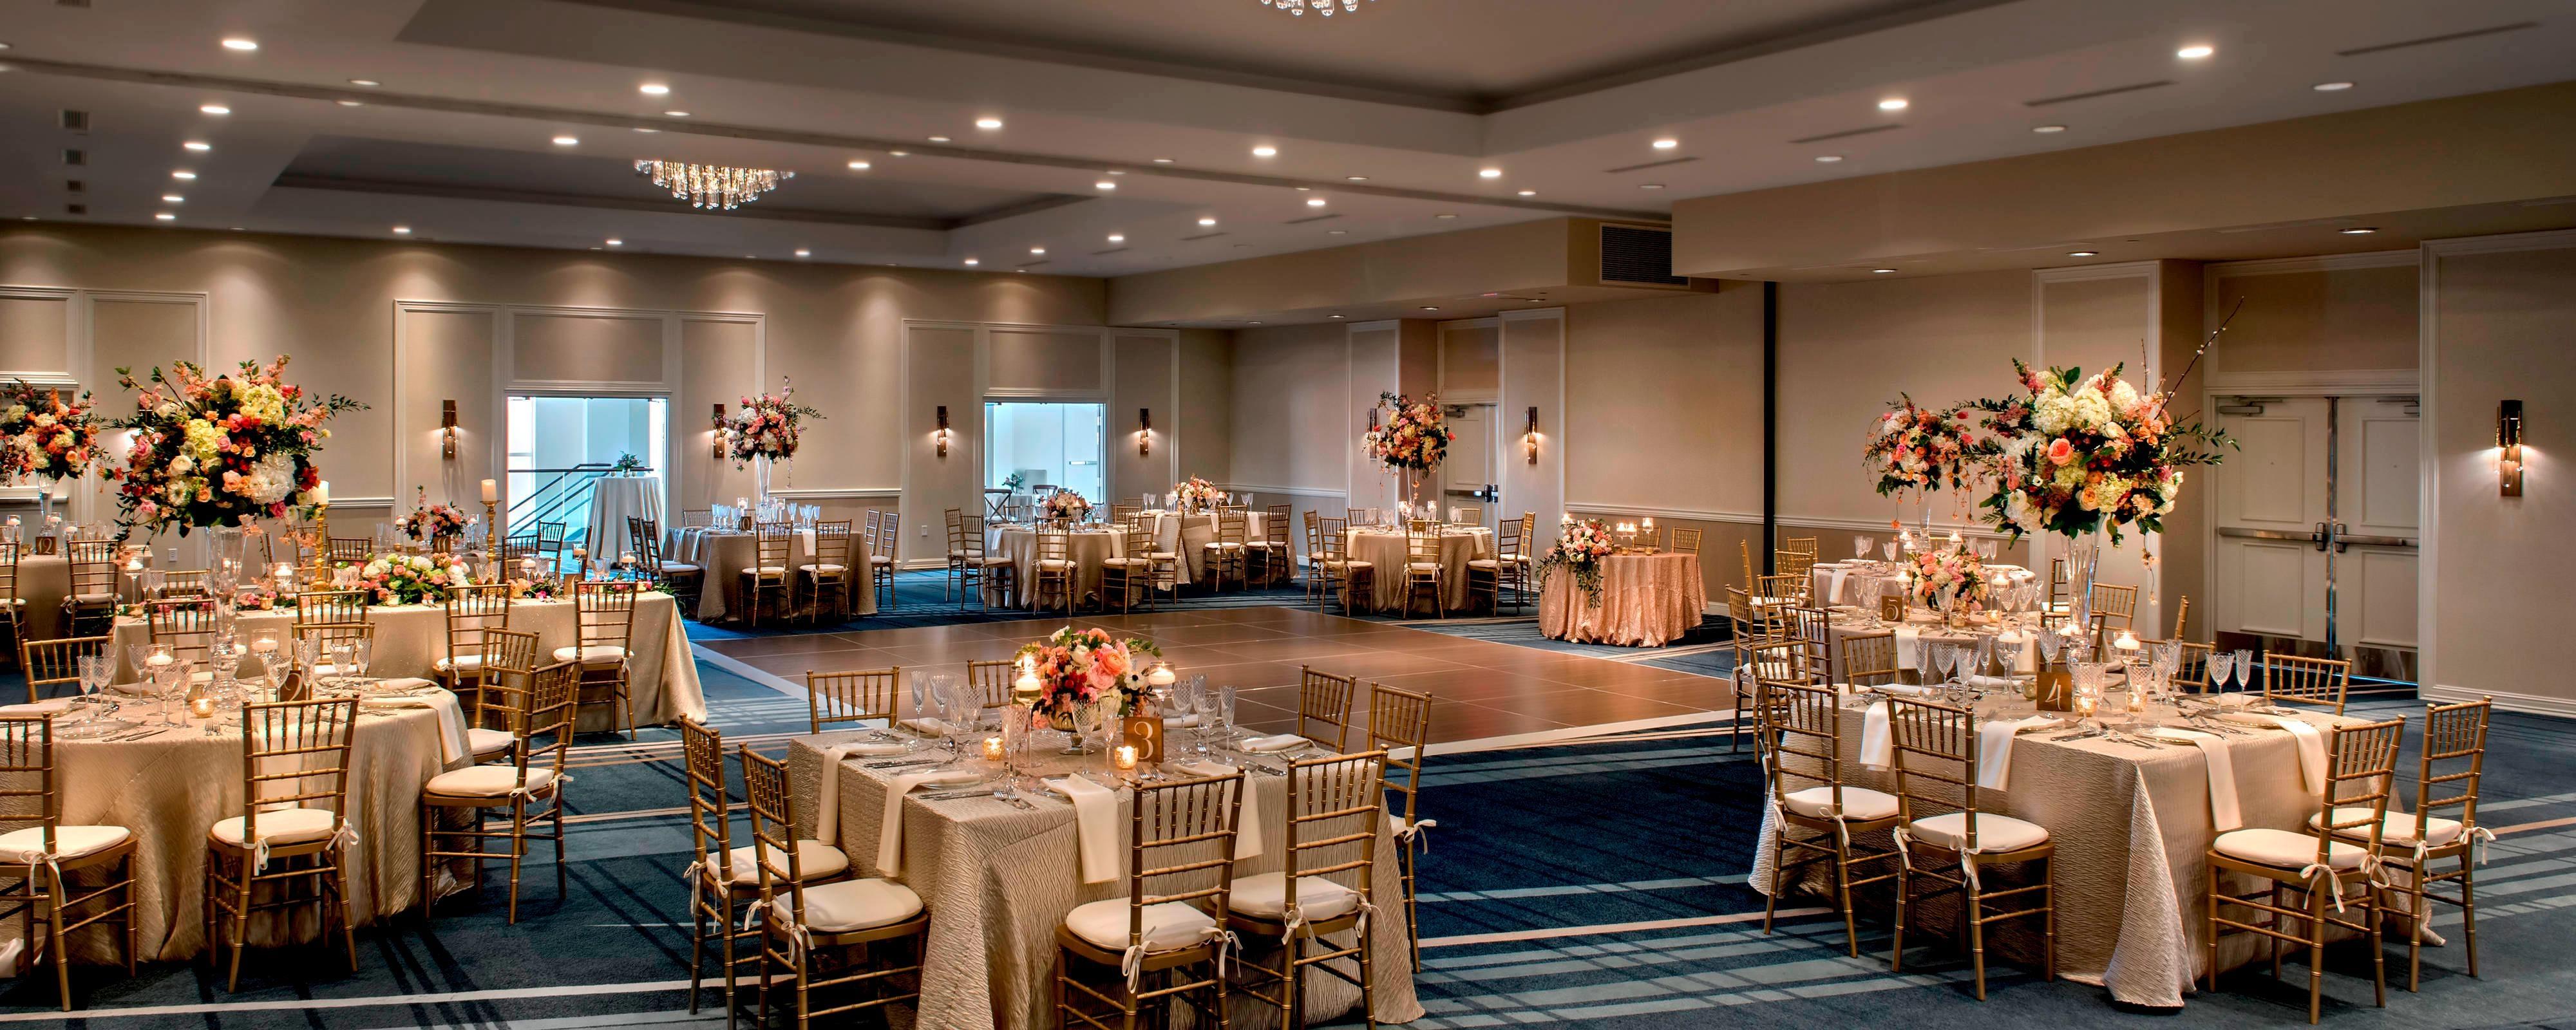 Wedding Reception Venues Newport RI | Newport Marriott